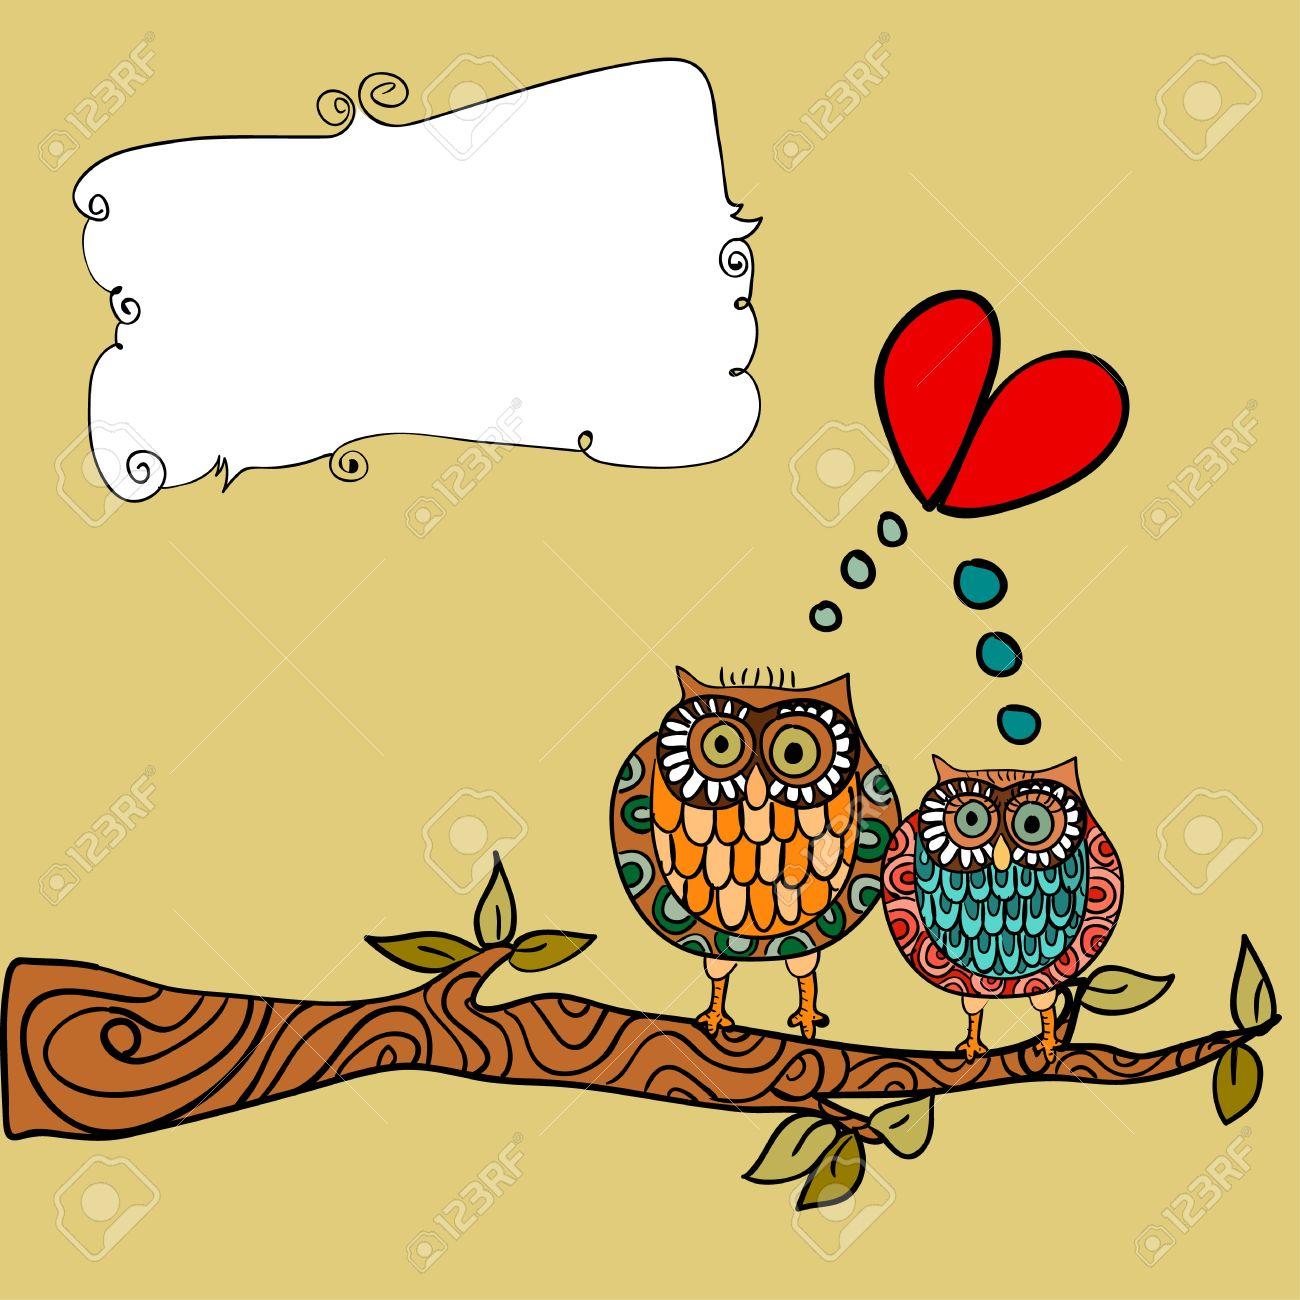 バレンタインの日素敵なフクロウ カップル ツリー ブランチのグリーティング カードの背景色。ベクトル